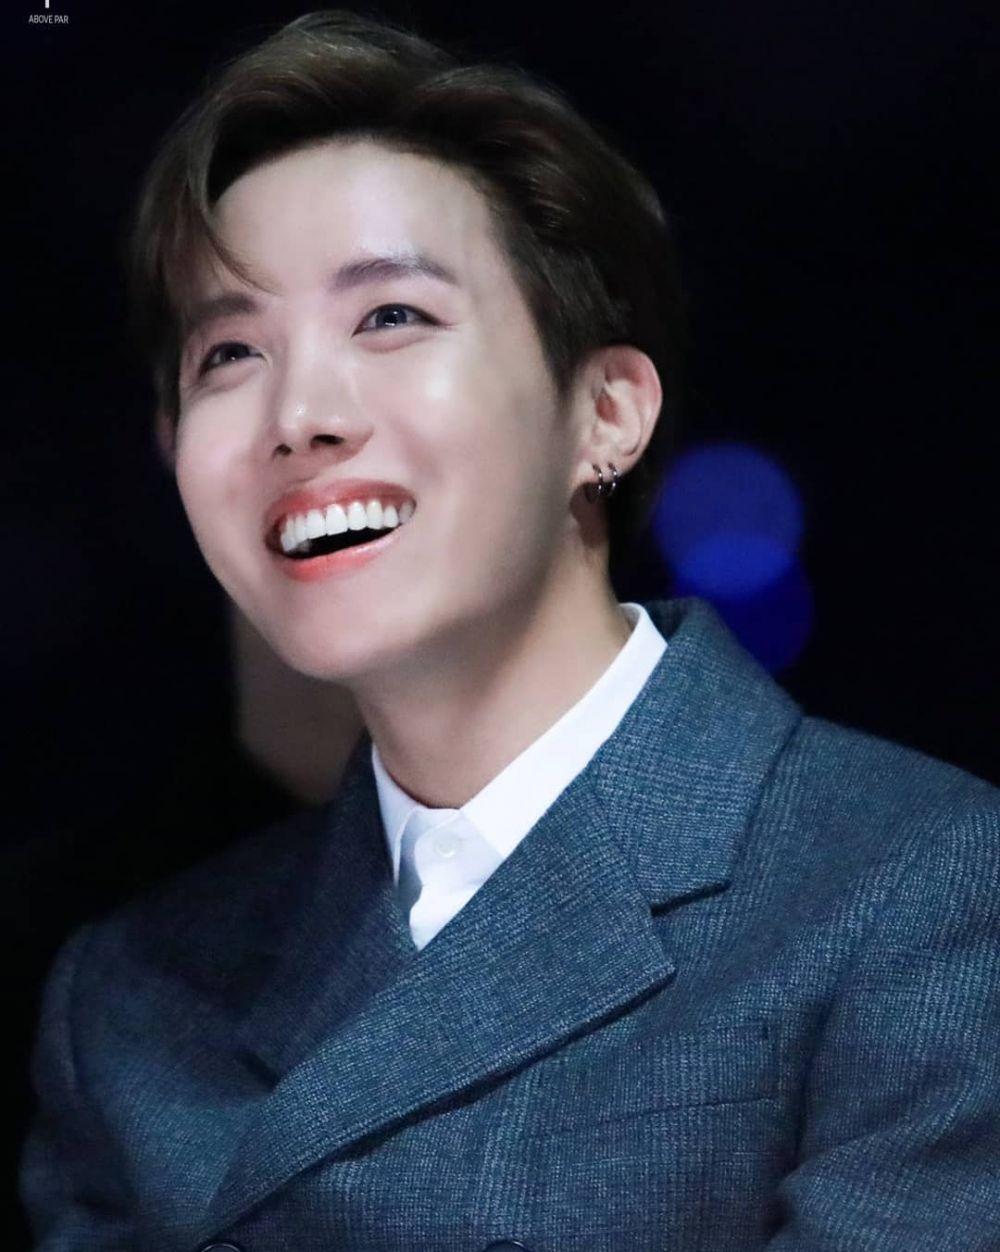 10 Potret J-Hope BTS dengan Senyum Manisnya